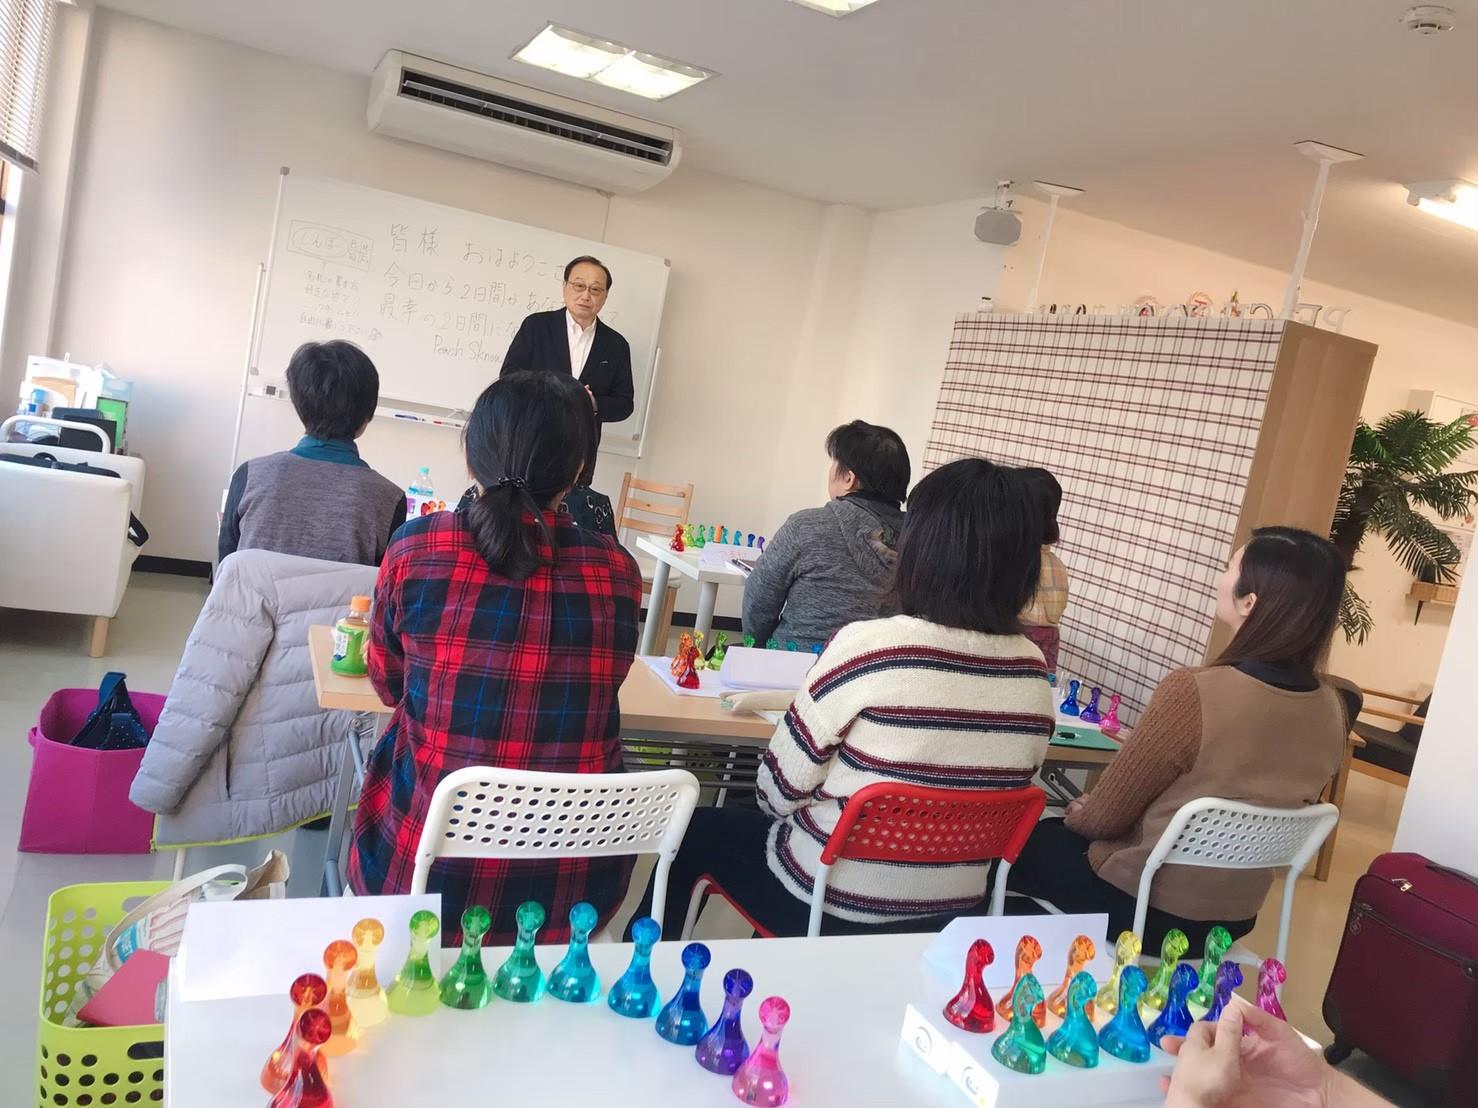 2019.1.26〜27 200229 0086 - ピーチスノウで学ぶ色彩人間学